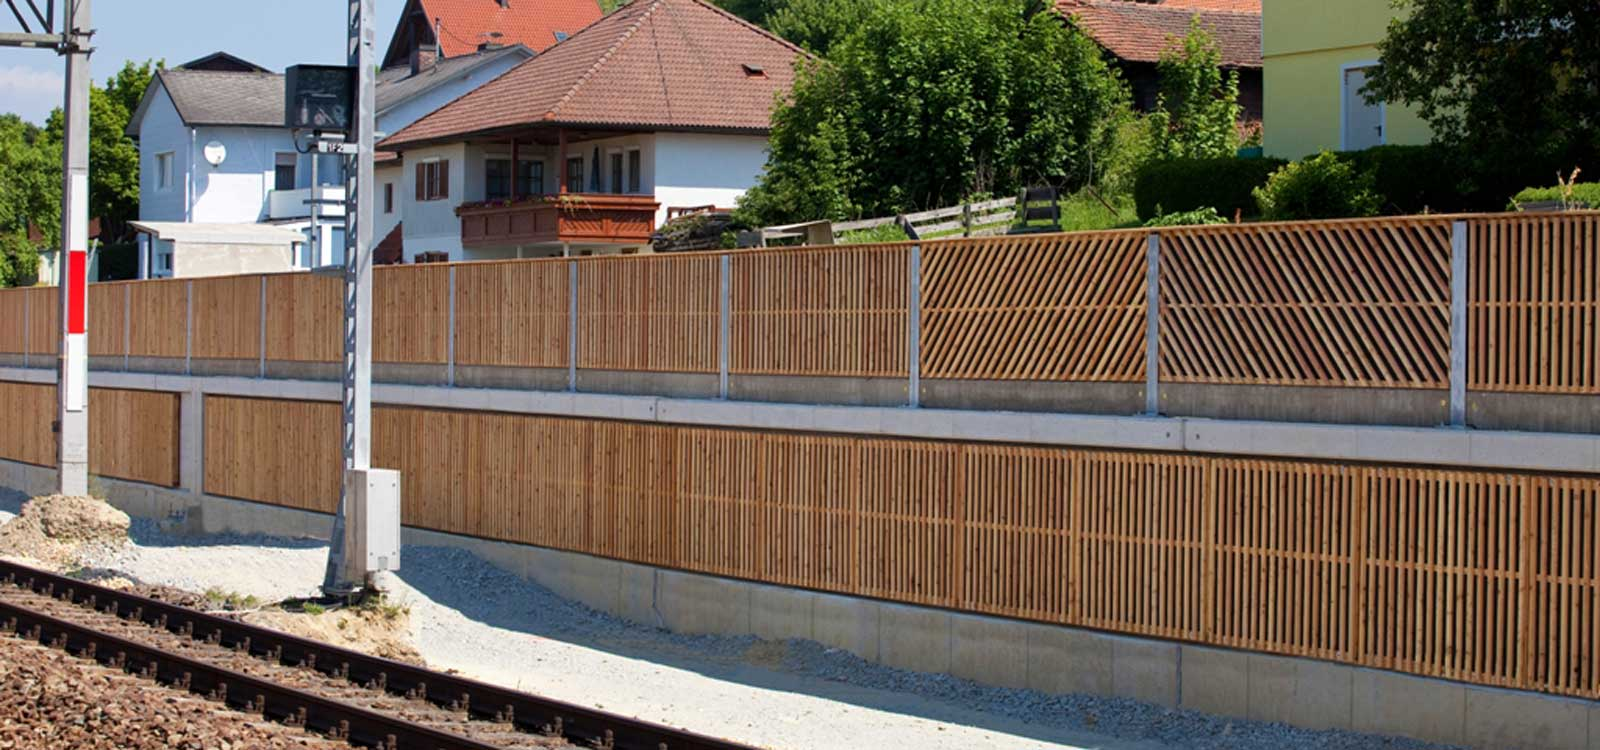 <div class='slider_caption'> <h1>Lärmschutzwände gegen Zug/Bahnlärm</h1> <a class='slider-readmore' href='http://www.schallschutzwand.at/hochabsorbierende-laermschutzwaende/'>... weitere Informationen</a> </div>